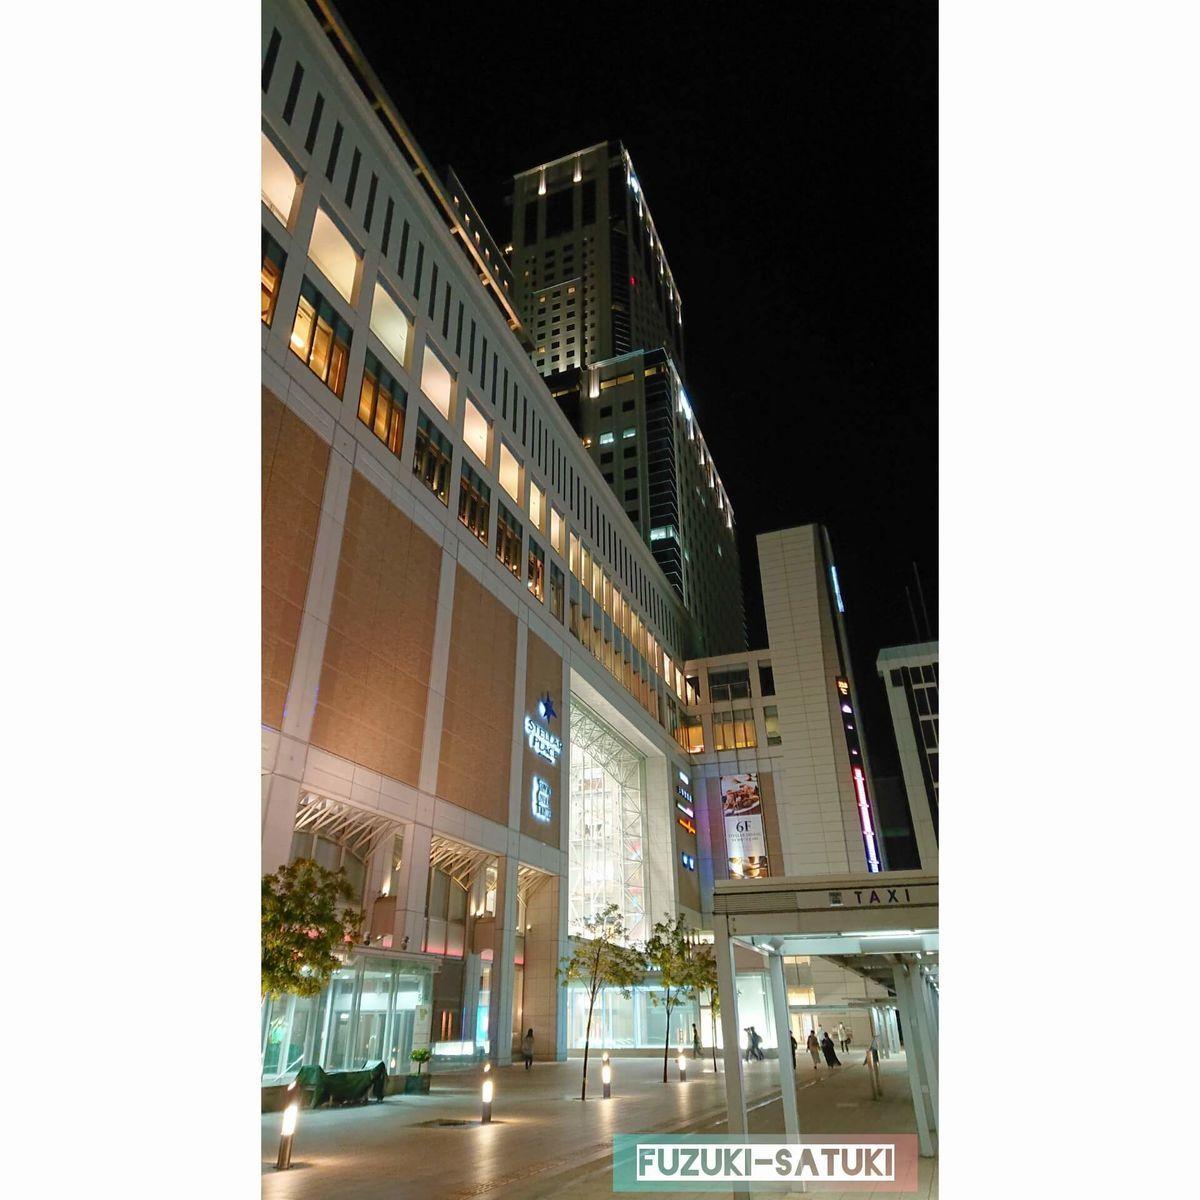 夜の札幌駅とそれに繋がる高い建造物の外観(写真)